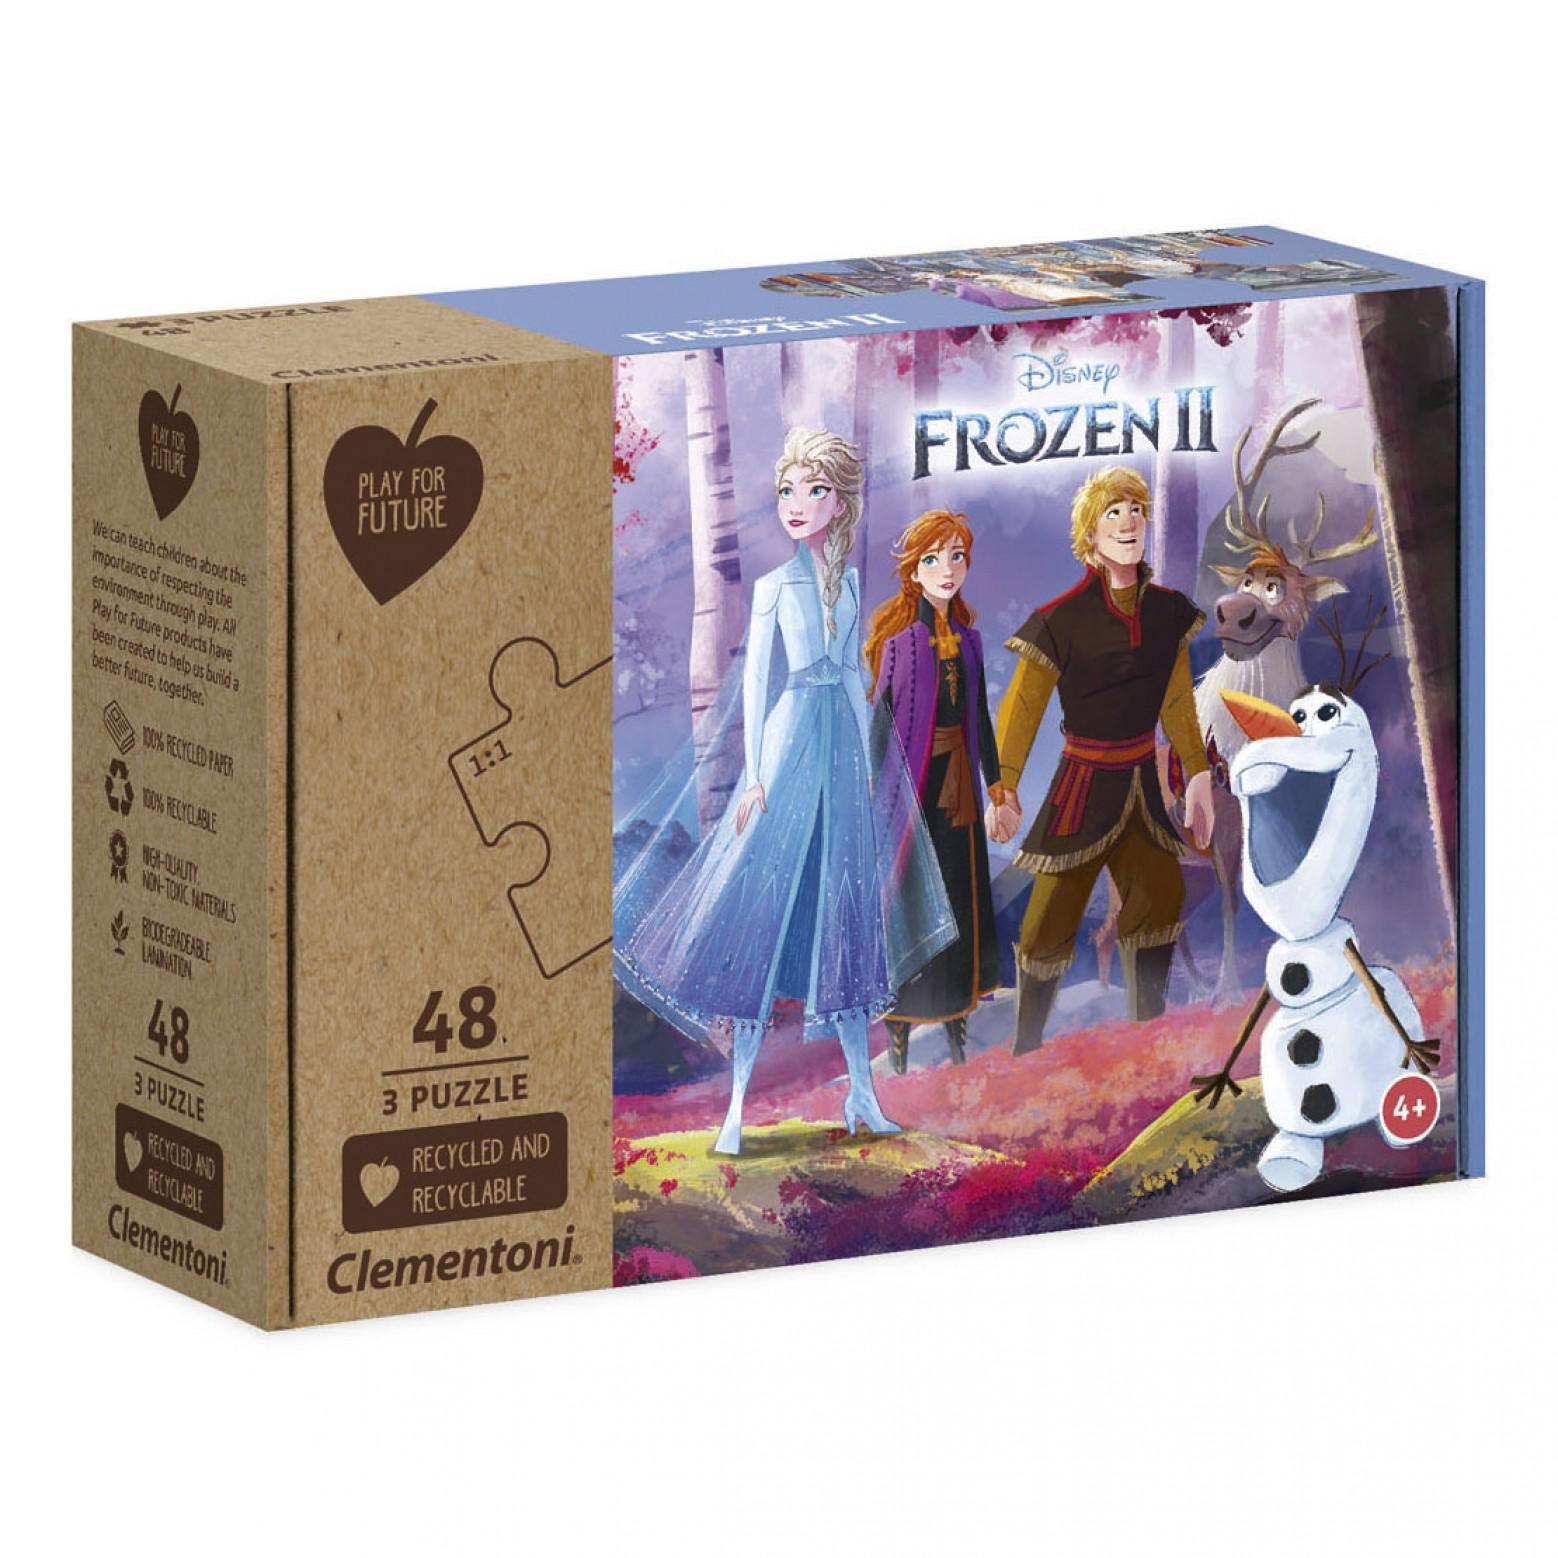 Frozen puzzel 3 x 48 stukjes 4+